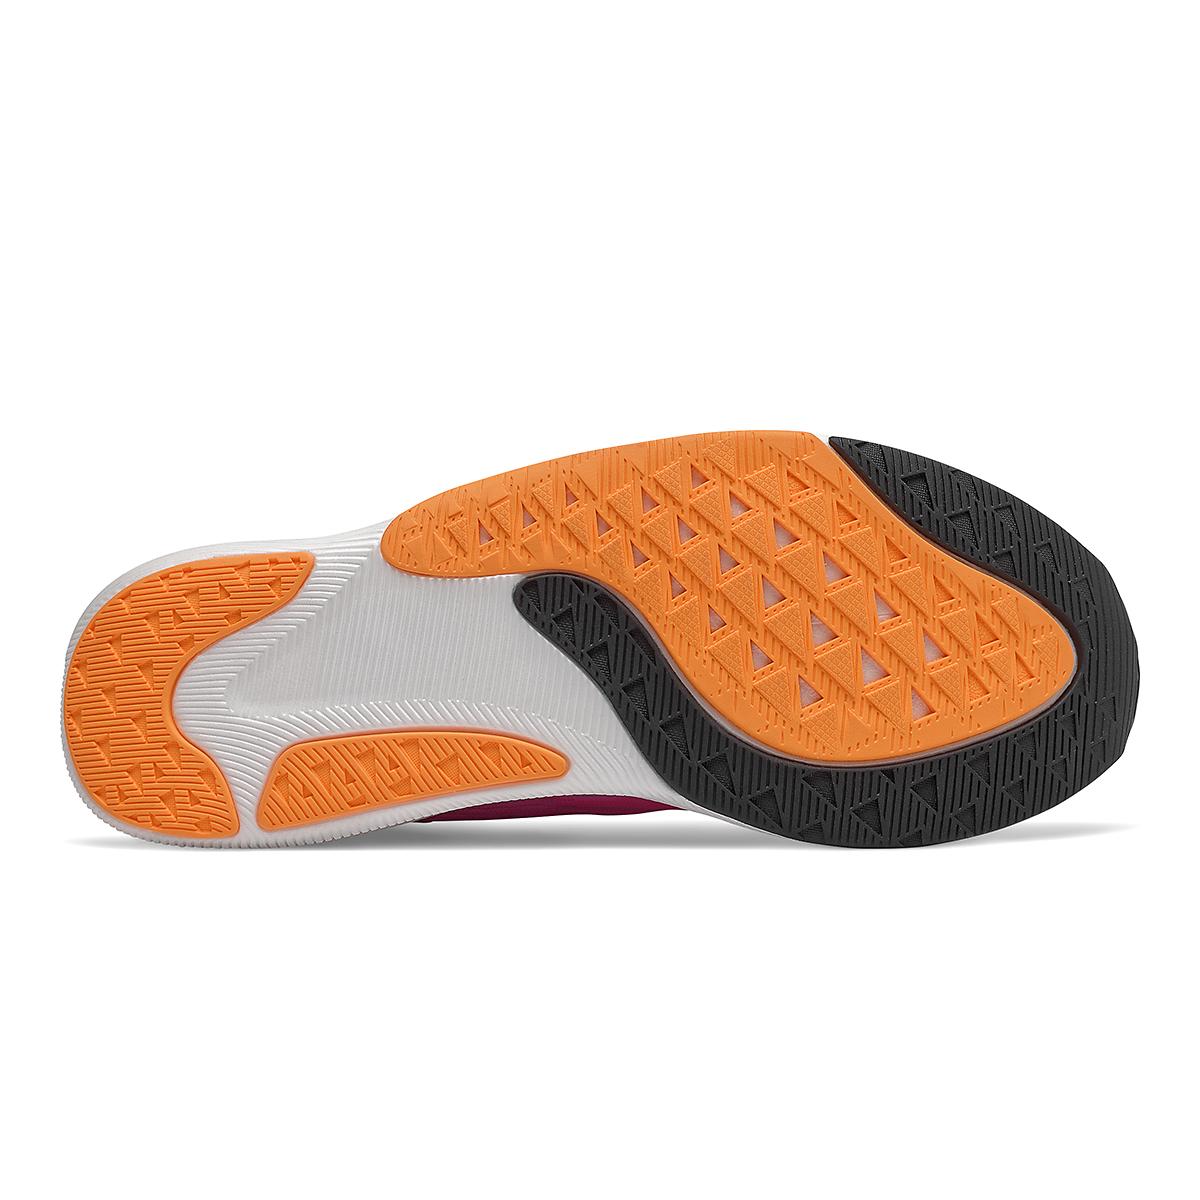 Men's New Balance Fuelcell Rebel V2 Running Shoe - Color: Pink Glo/Black - Size: 6 - Width: Wide, Pink Glo/Black, large, image 4